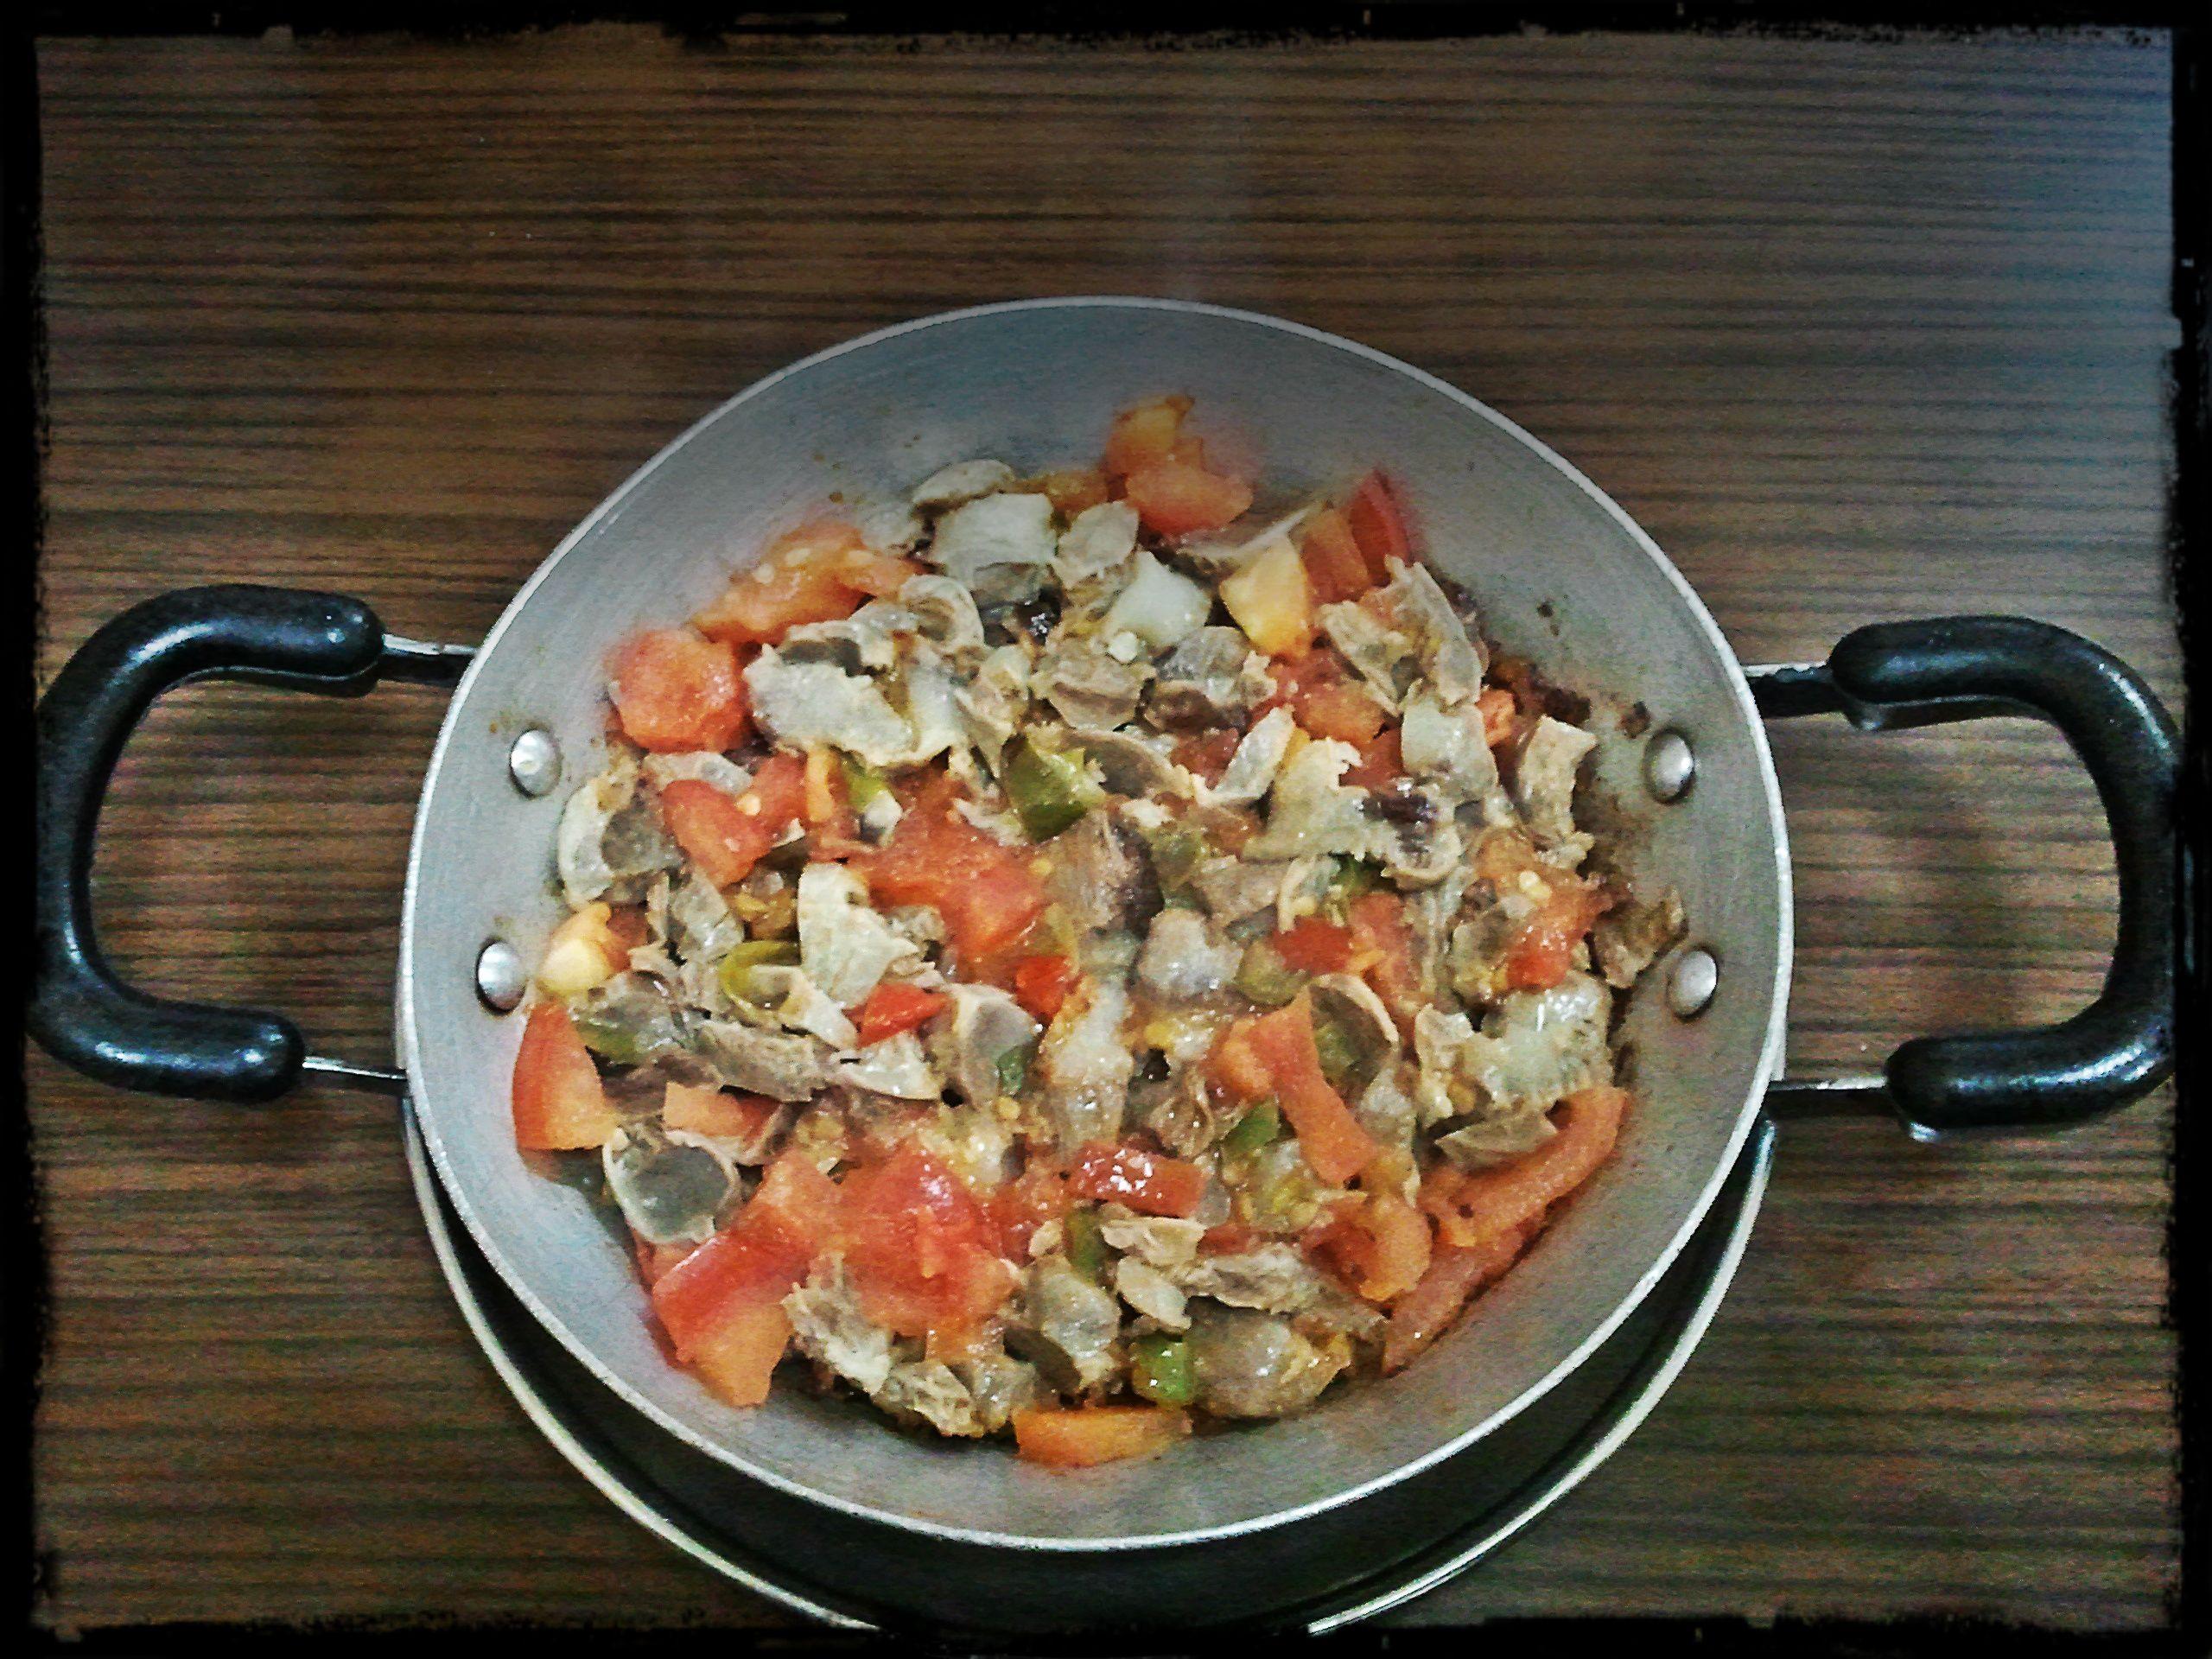 Chicken gizzard preparing of the chicken gizzard dish